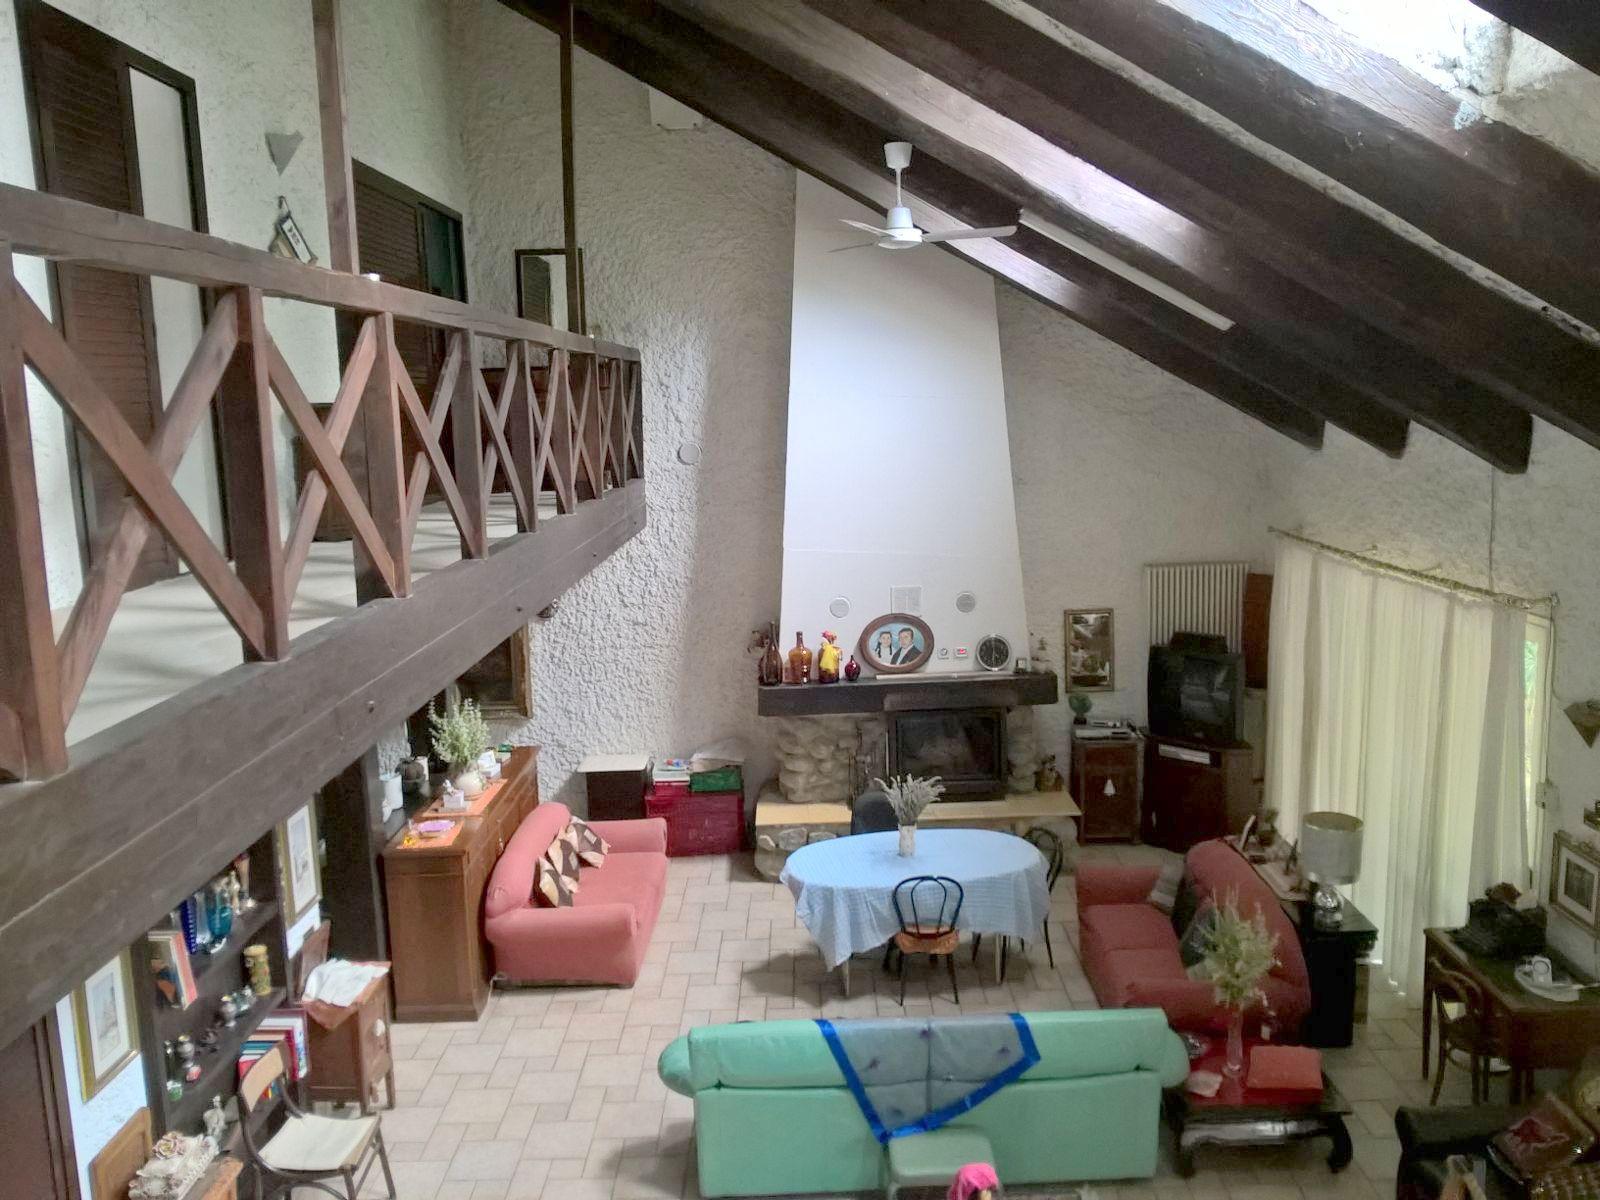 Villa in vendita a Saludecio, 5 locali, prezzo € 400.000 | CambioCasa.it